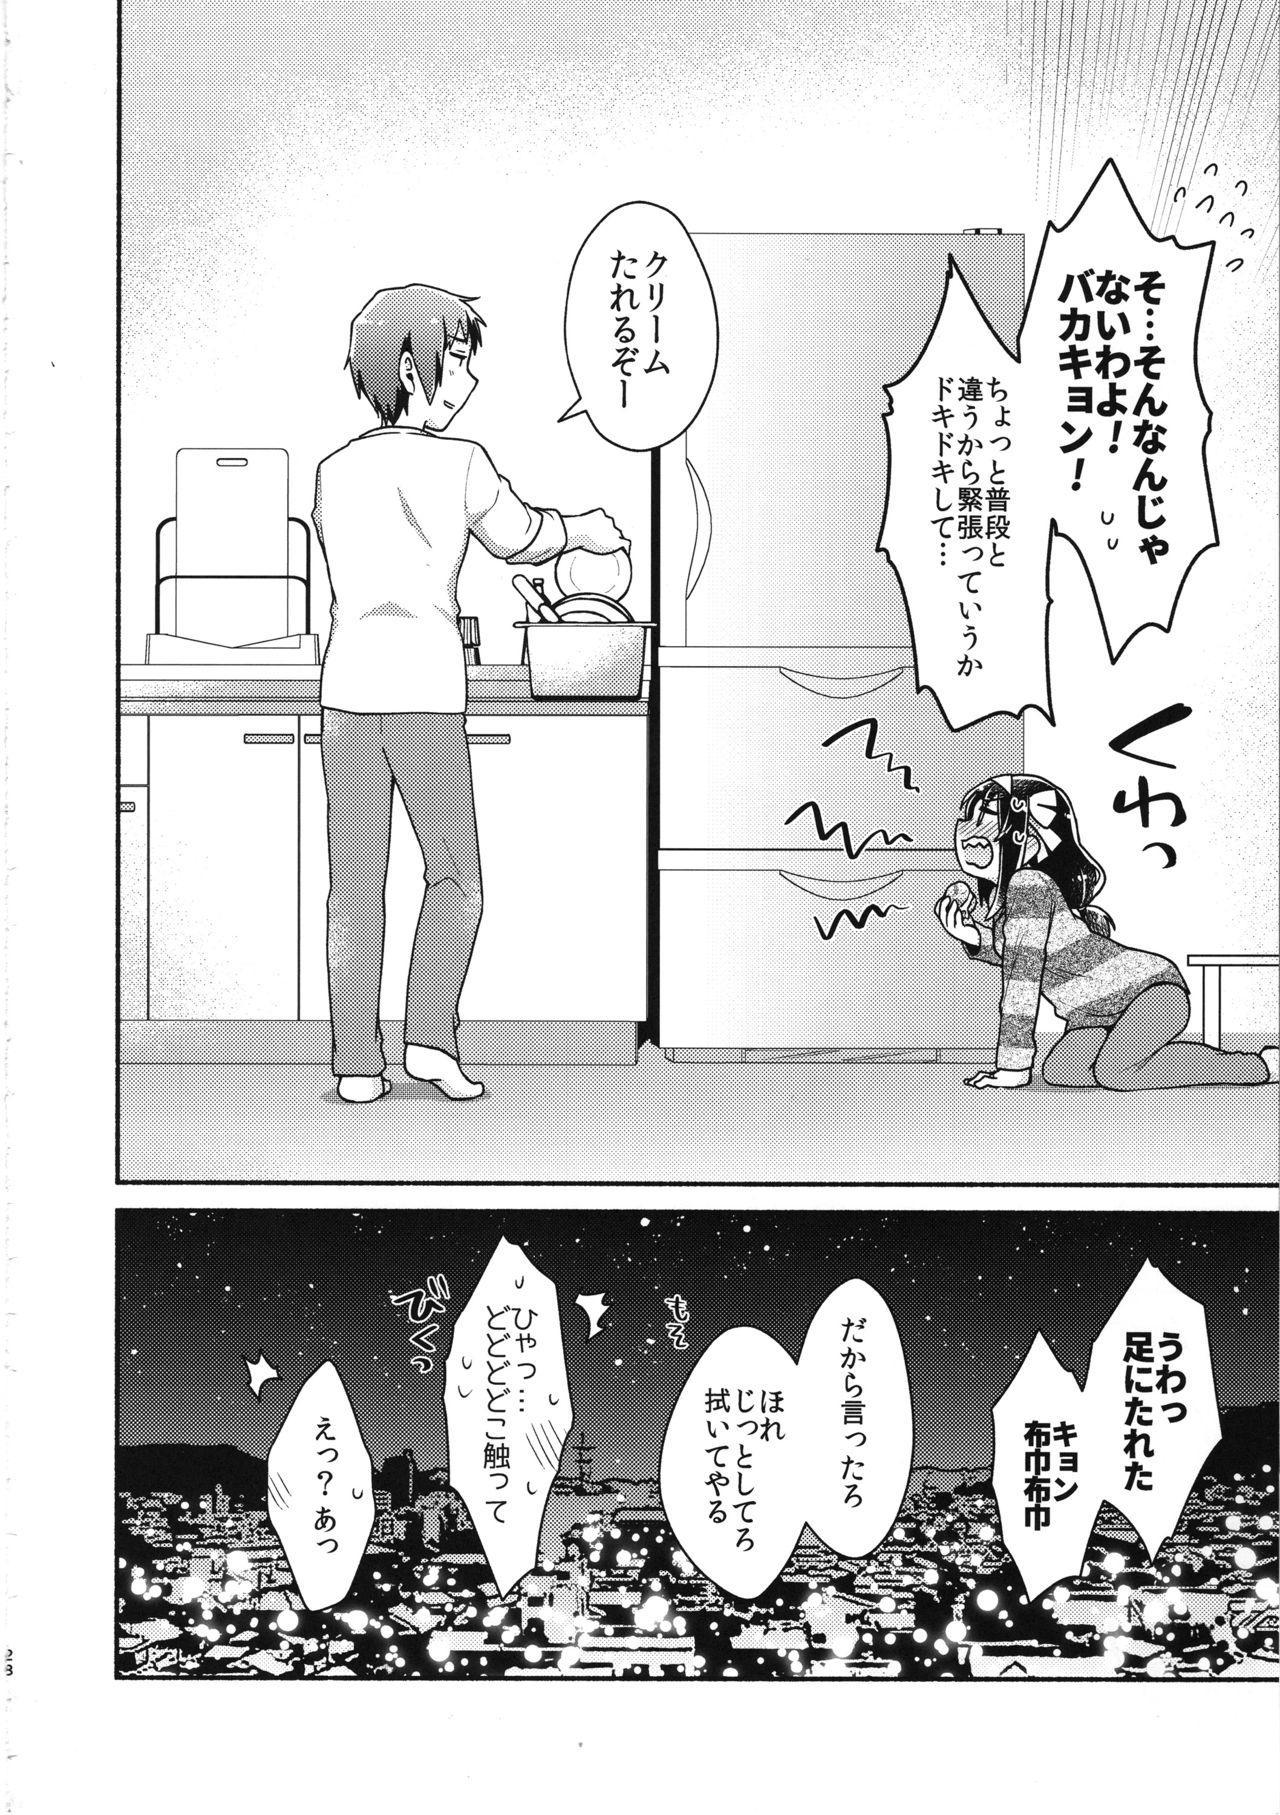 Haruhi wa Ore no Yome 26